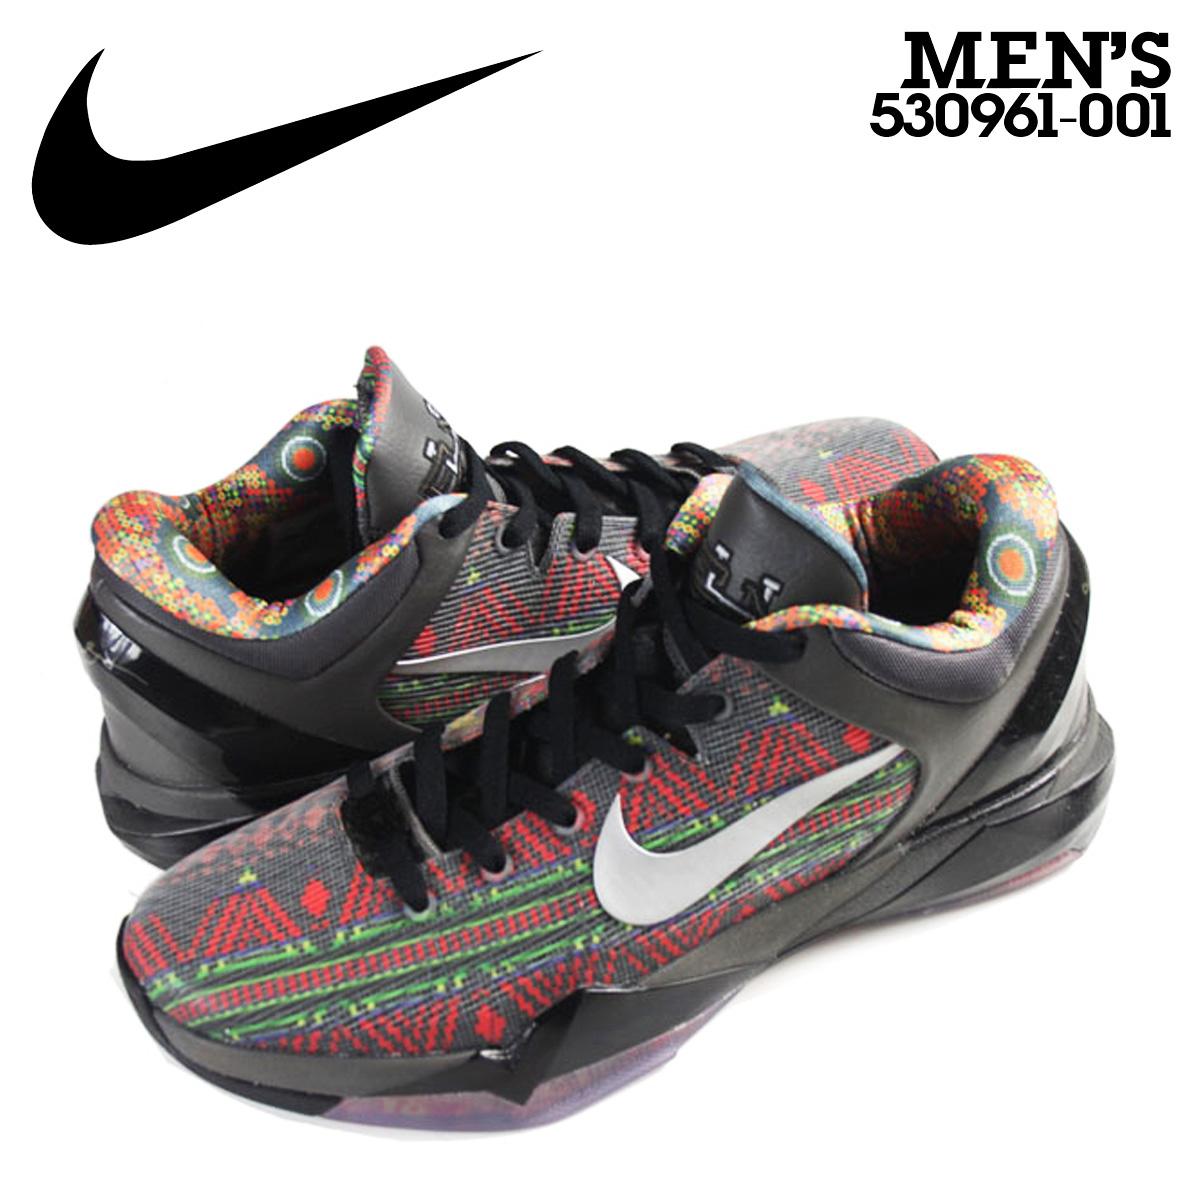 3a565fecf99d Nike NIKE zoom Kobe sneaker ZOOM KOBE 7 SYSTEM BHM 530961-001 multiple men